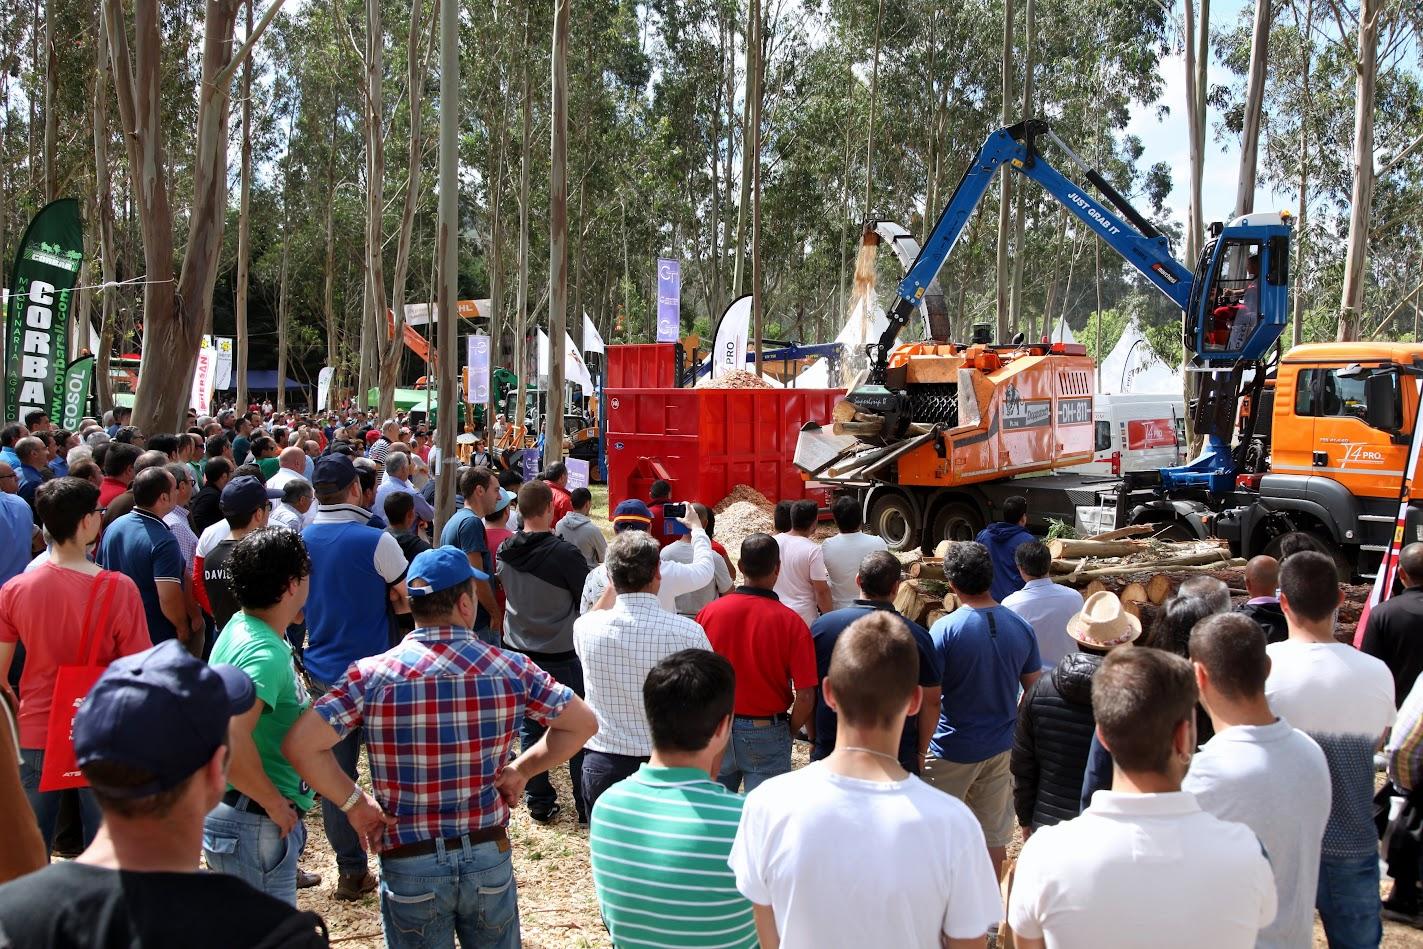 La feria forestal Galiforest Abanca cierra su mayor edición con una afluencia de 5.800 visitantes